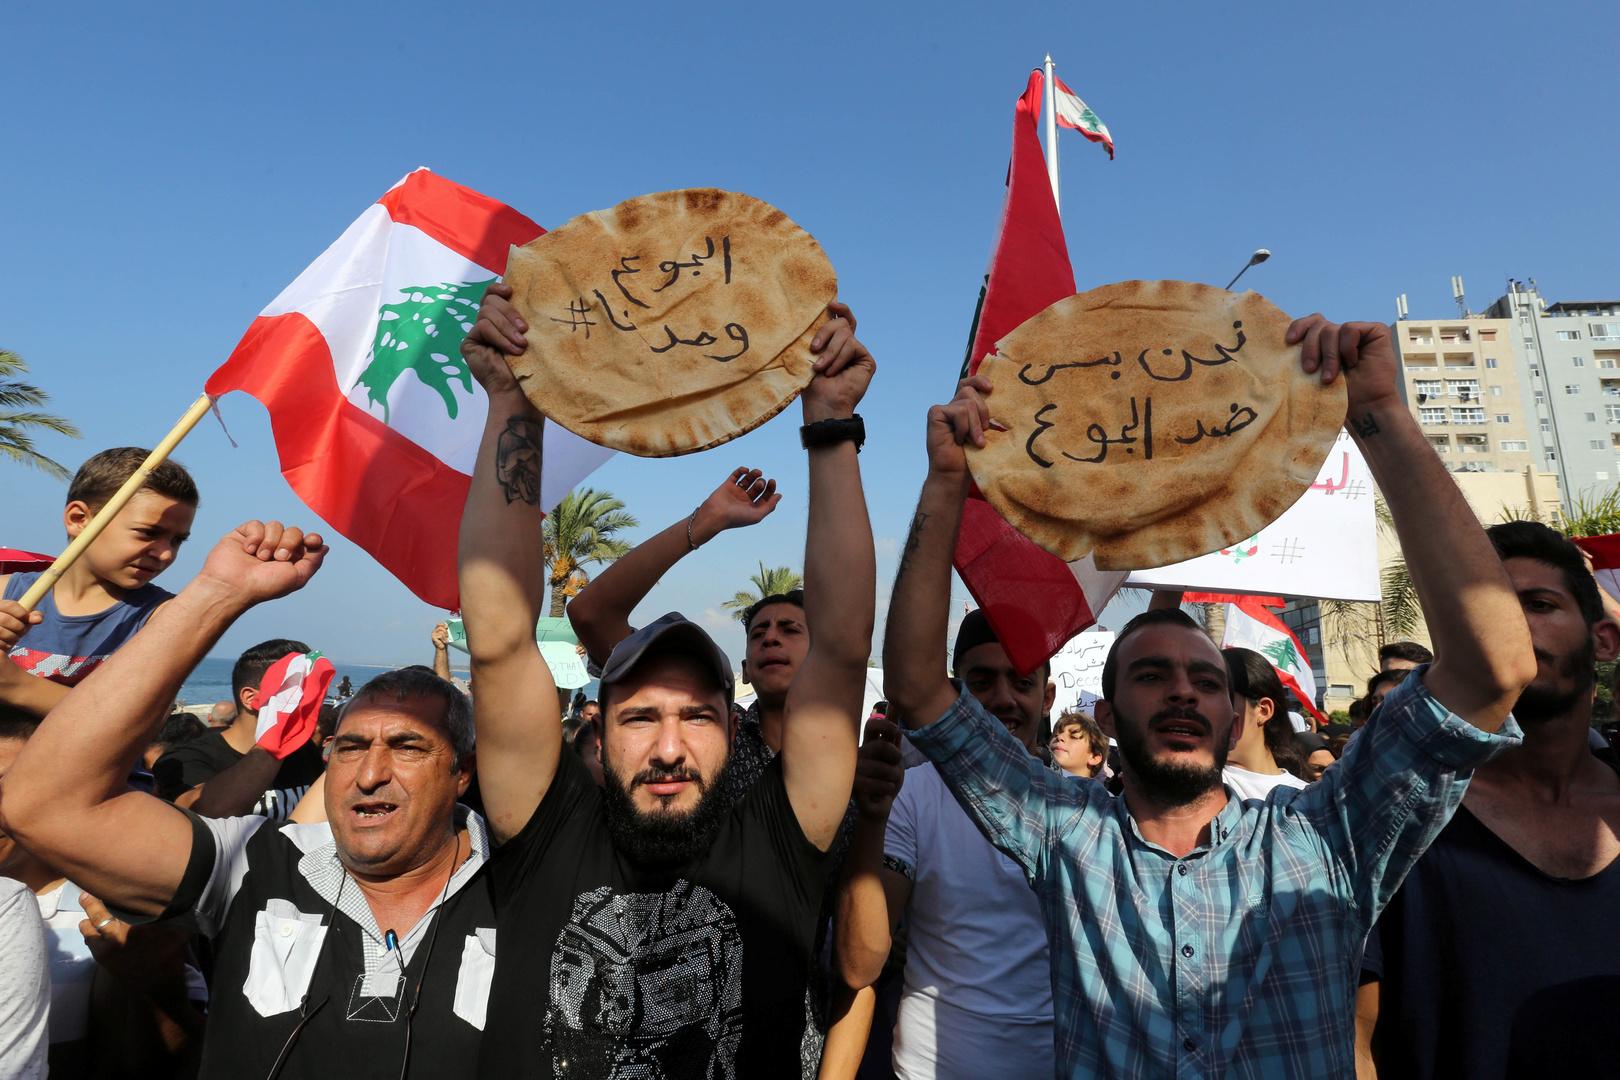 اللبنانيون يقفون في طوابير للحصول على